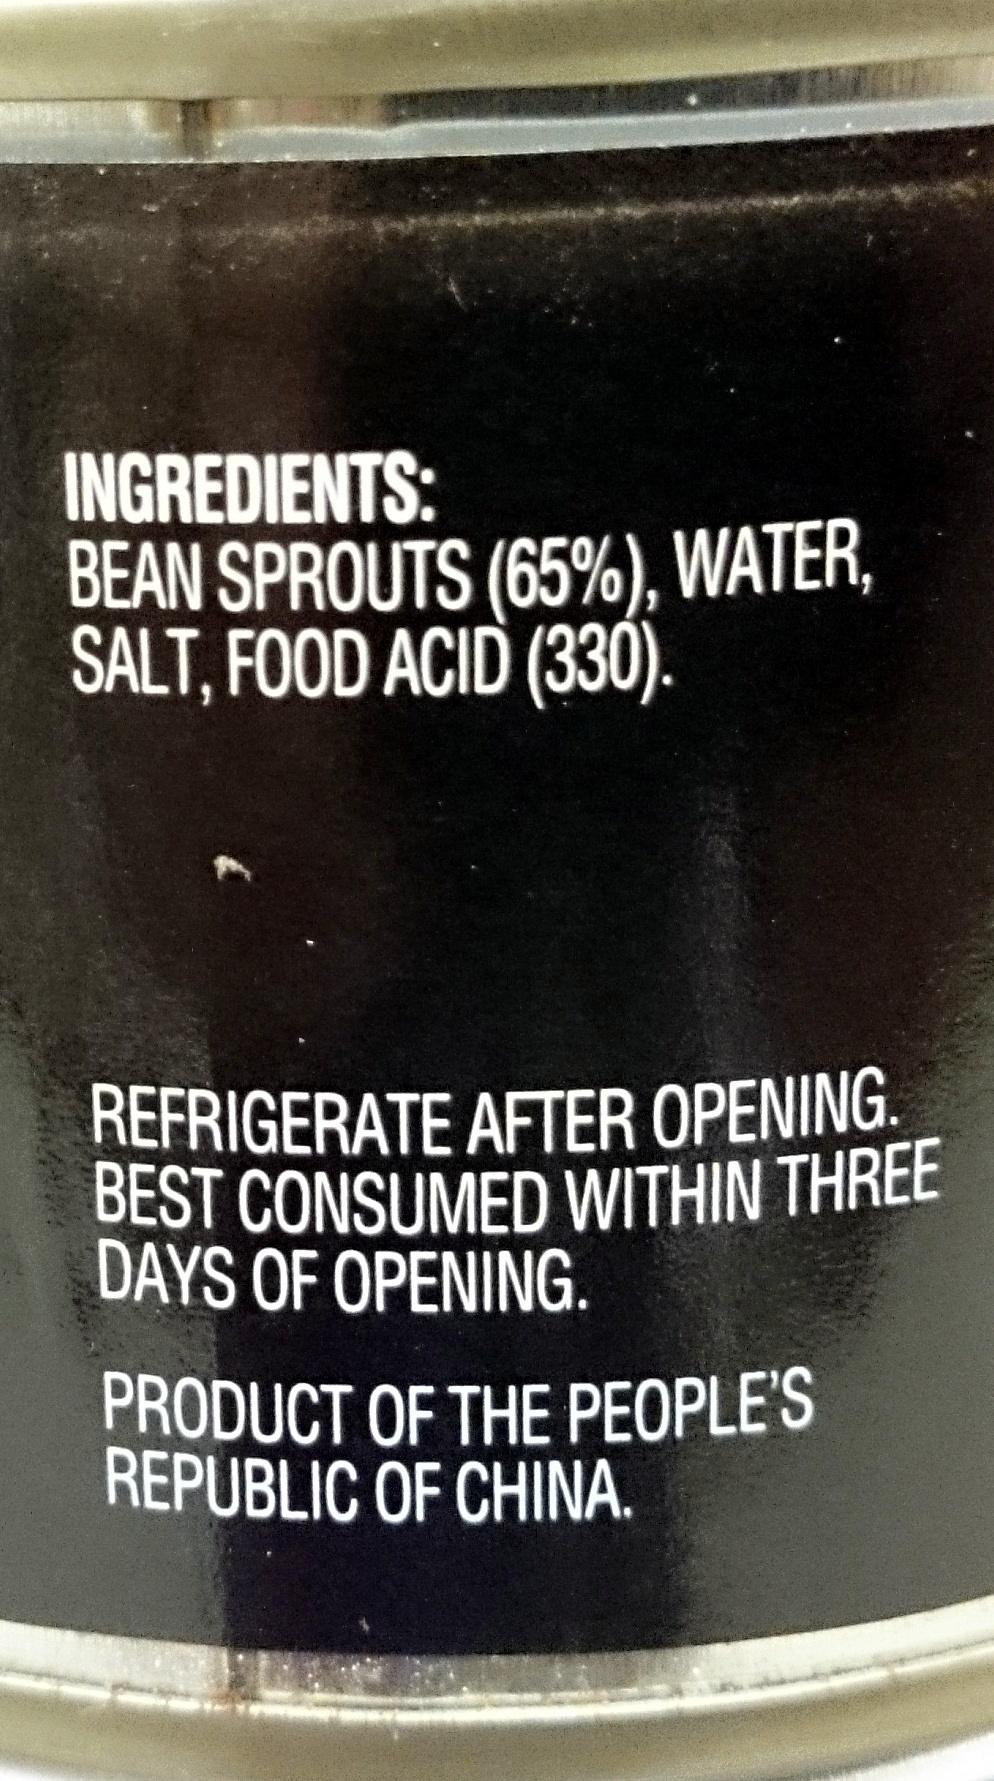 Always Fresh Whole Bean Sprouts - Ingrédients - en